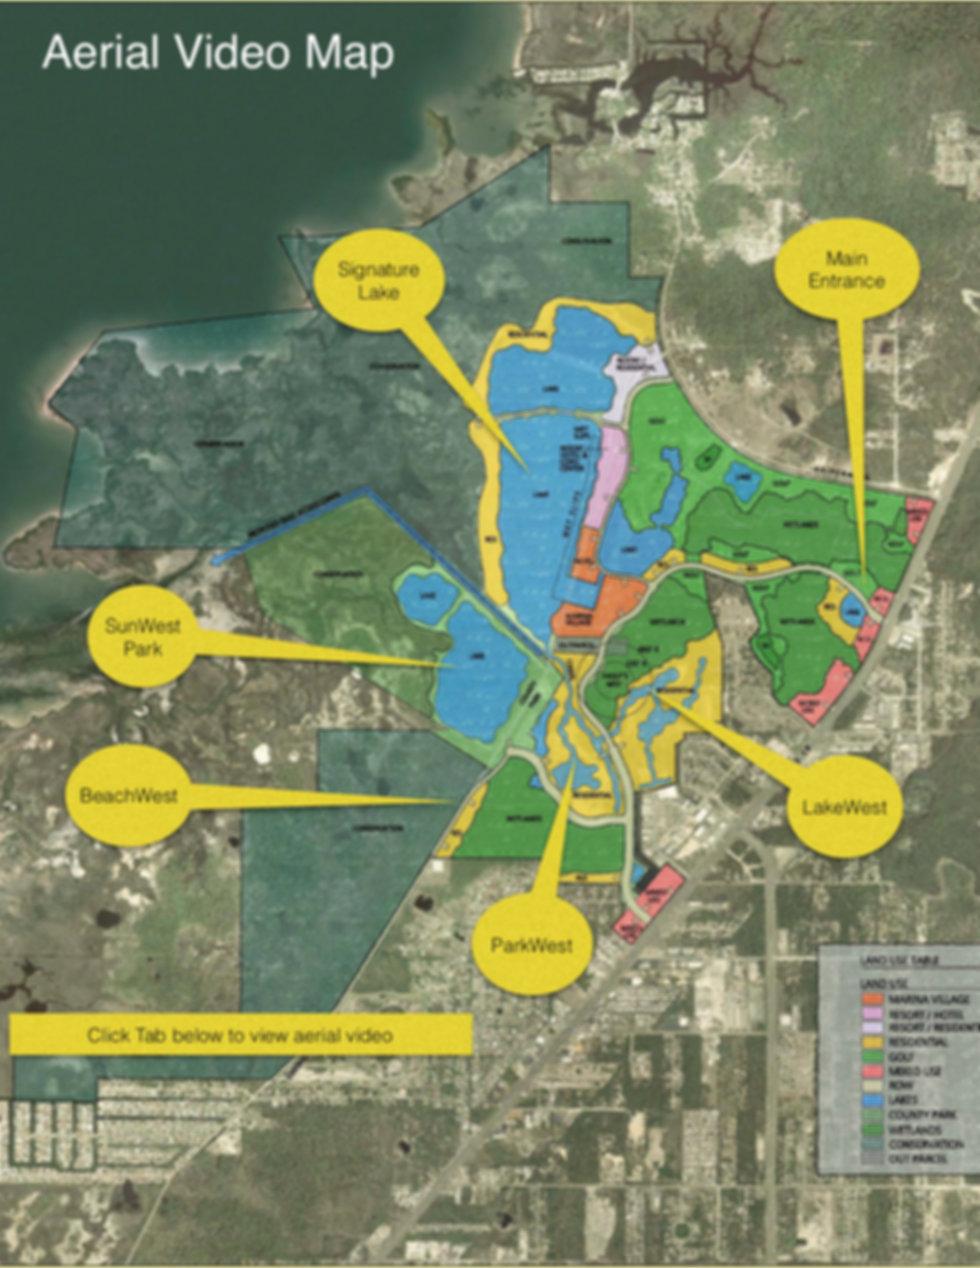 Aerial Video Map 2.jpg